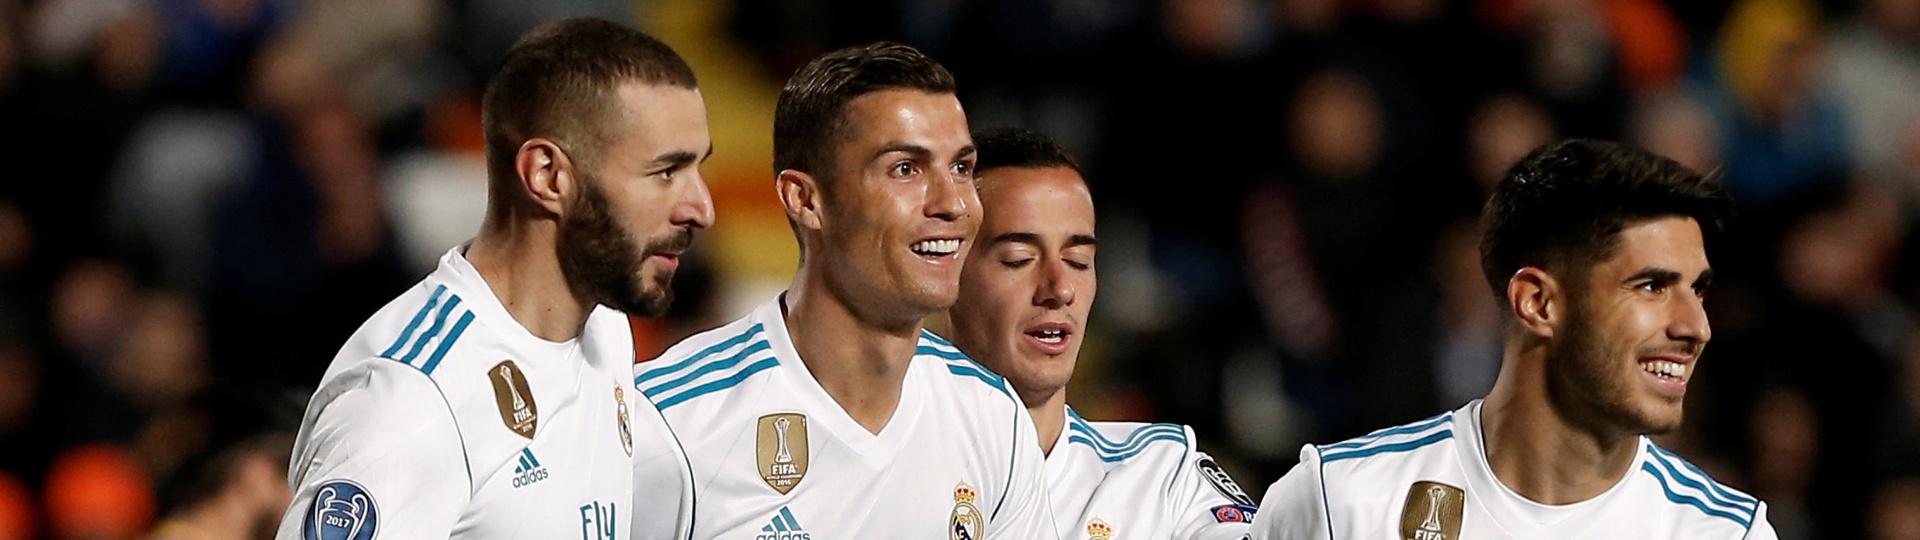 Jogadores do Real Madrid comemoram vitória contra o Apoel na Liga dos Campeões